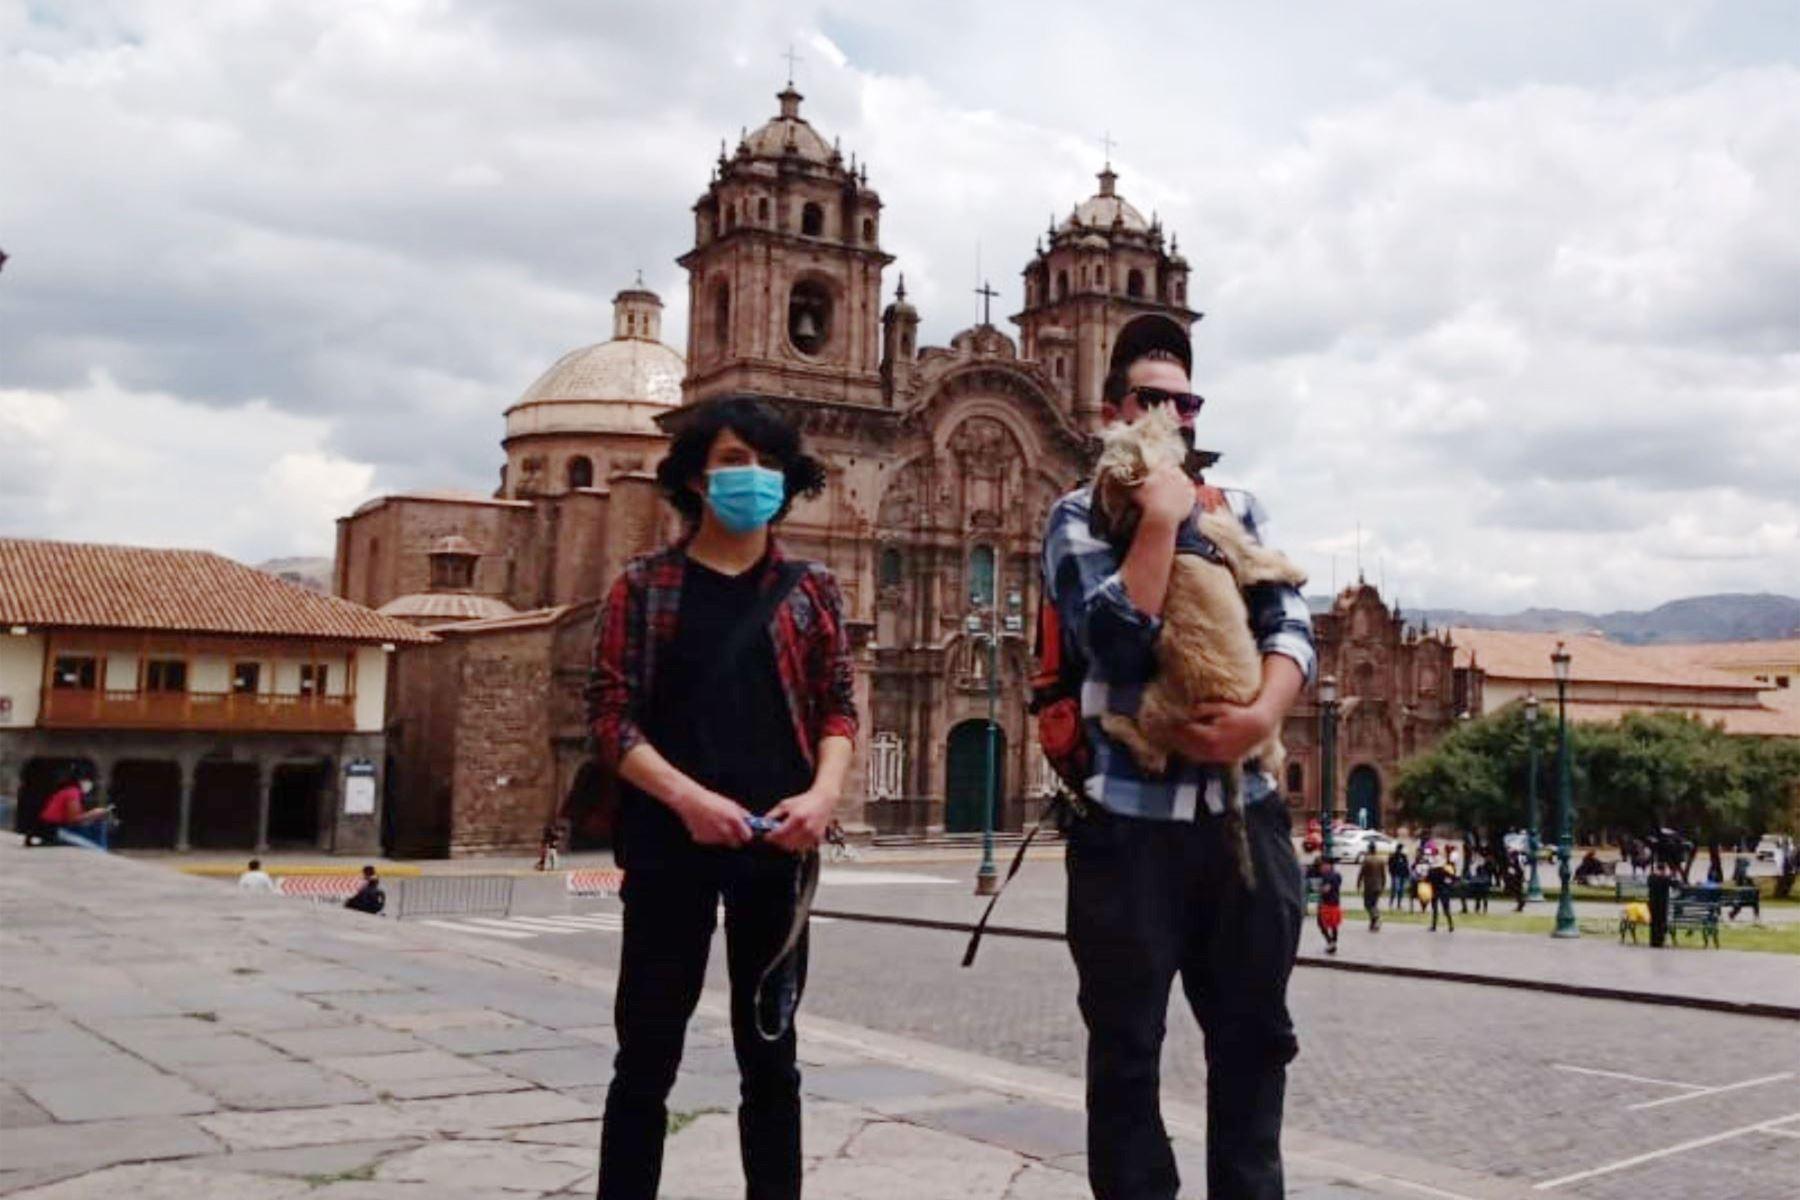 Cusco ofrece una diversidad de atractivos turísticos y culturales que se pueden disfrutar a bajo costo. Foto: ANDINA/Percy Hurtado Santillán.